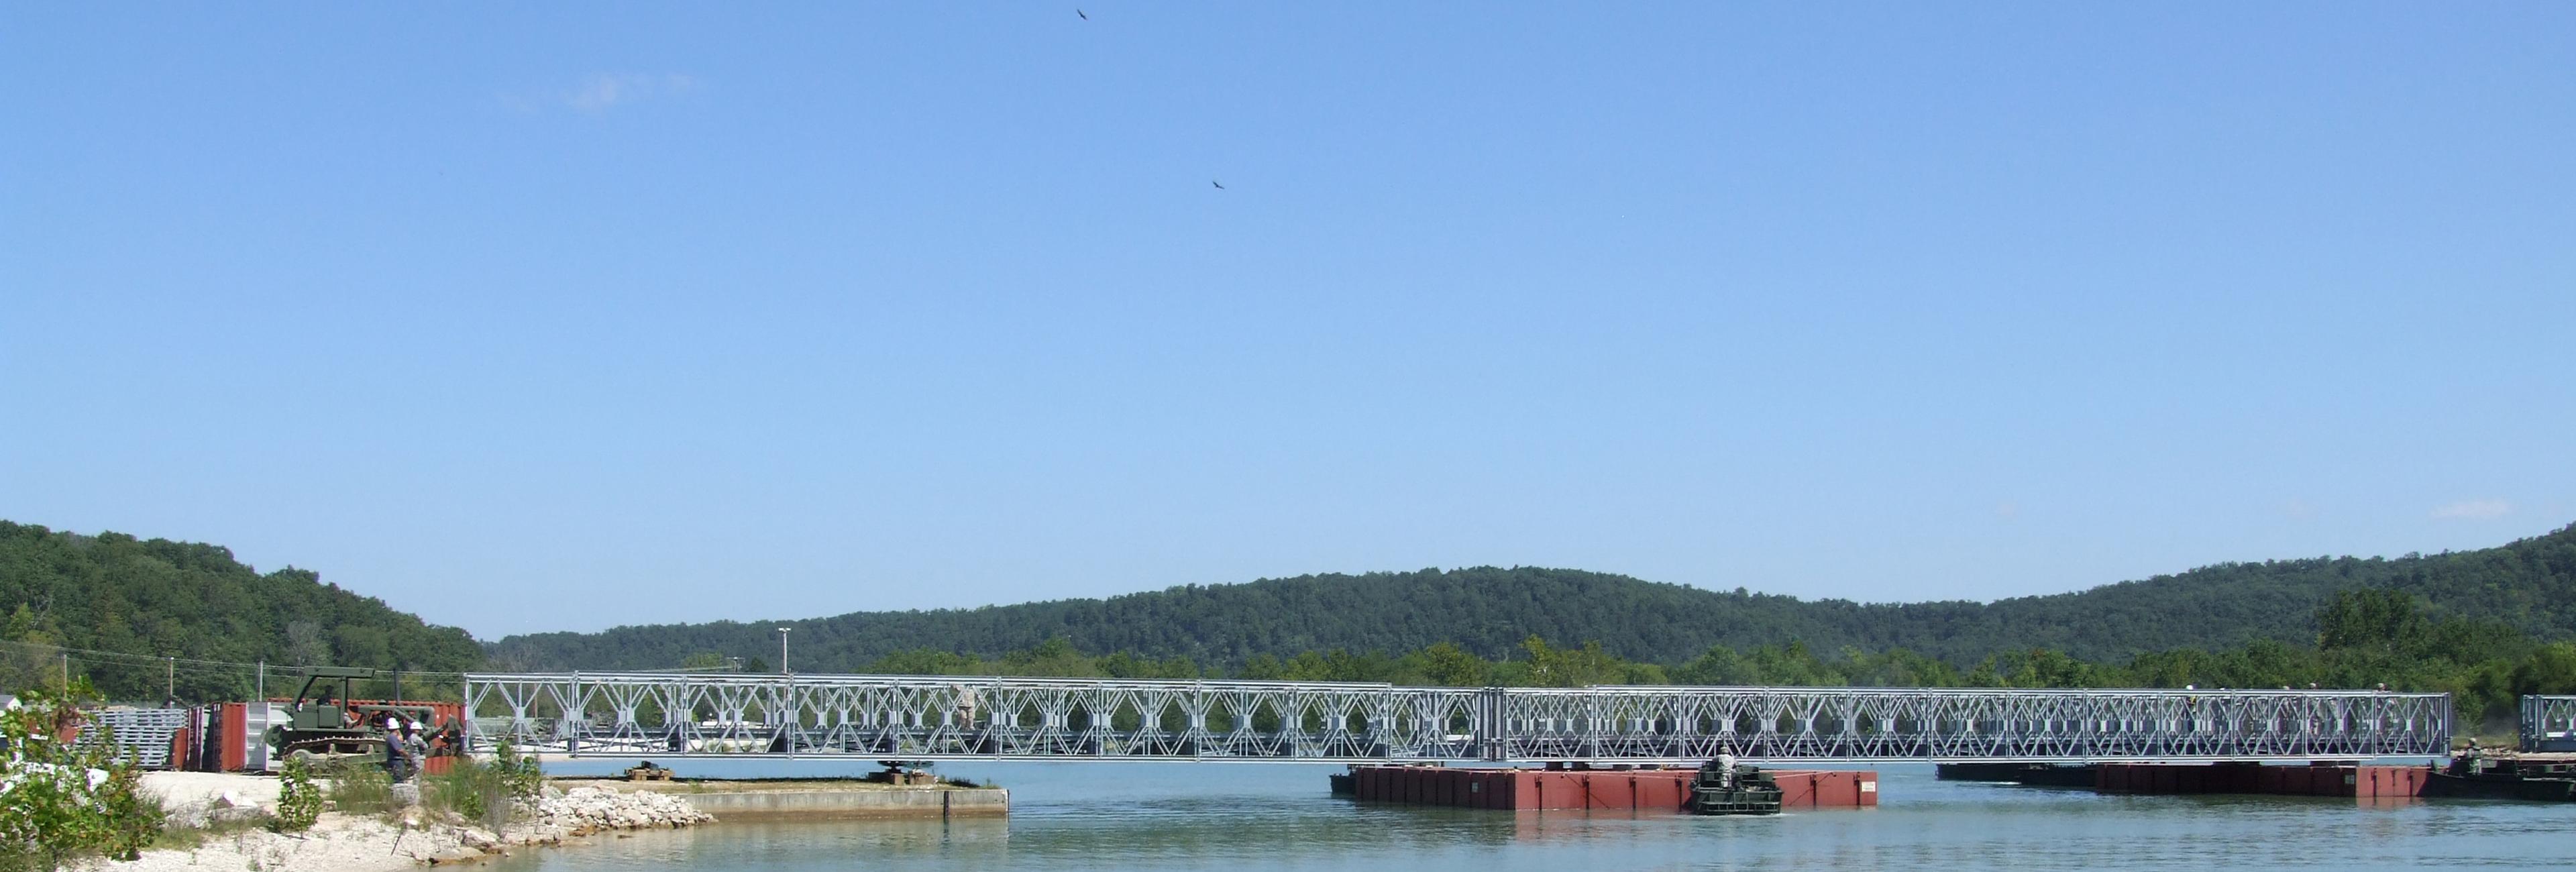 Acrow Military Wet Gap Bridge